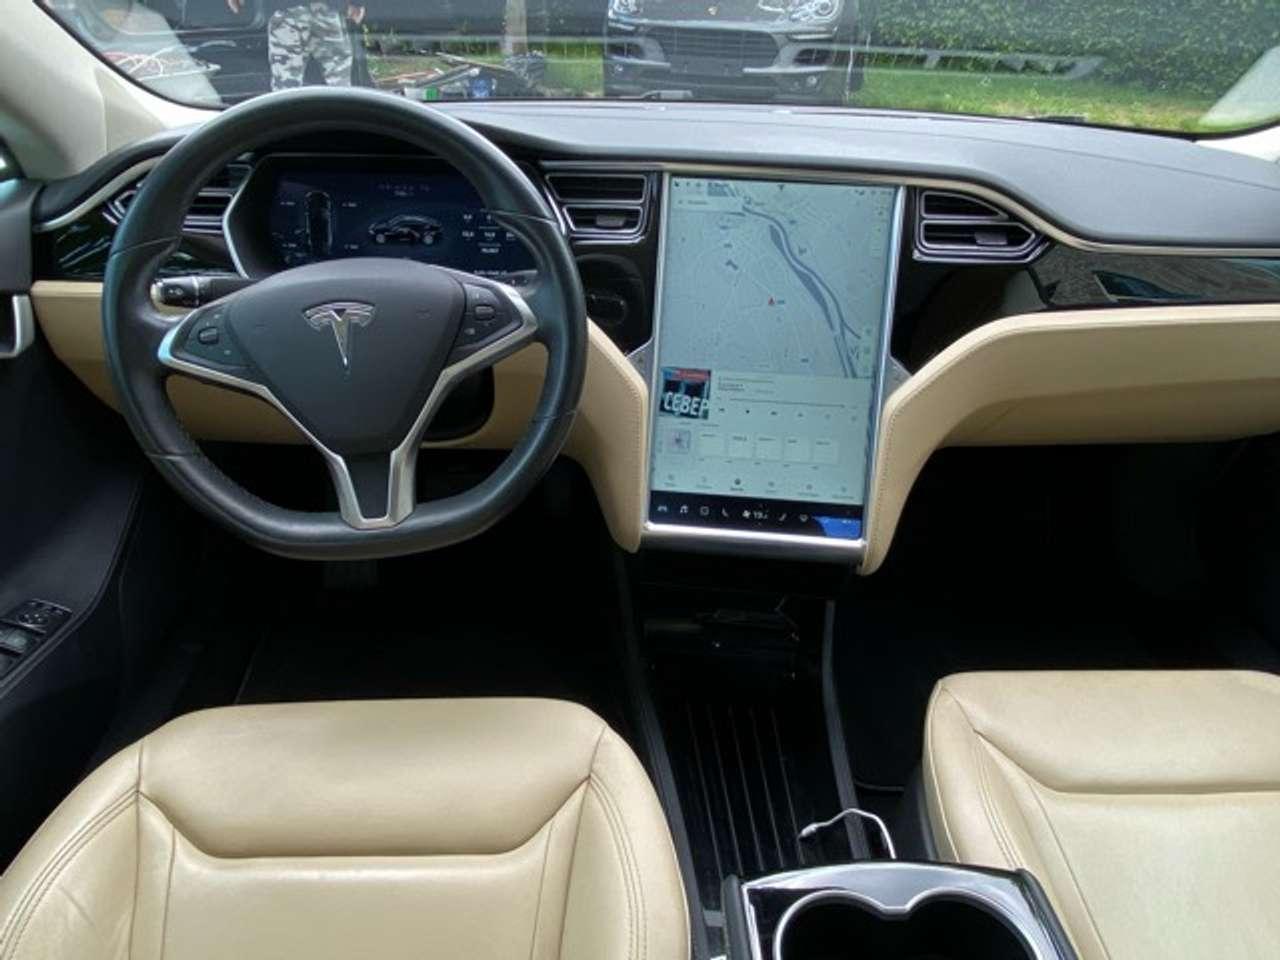 Tesla Model S 70D Dual Motor-Autopilot- Panorama- Next Gen Seats 14/15